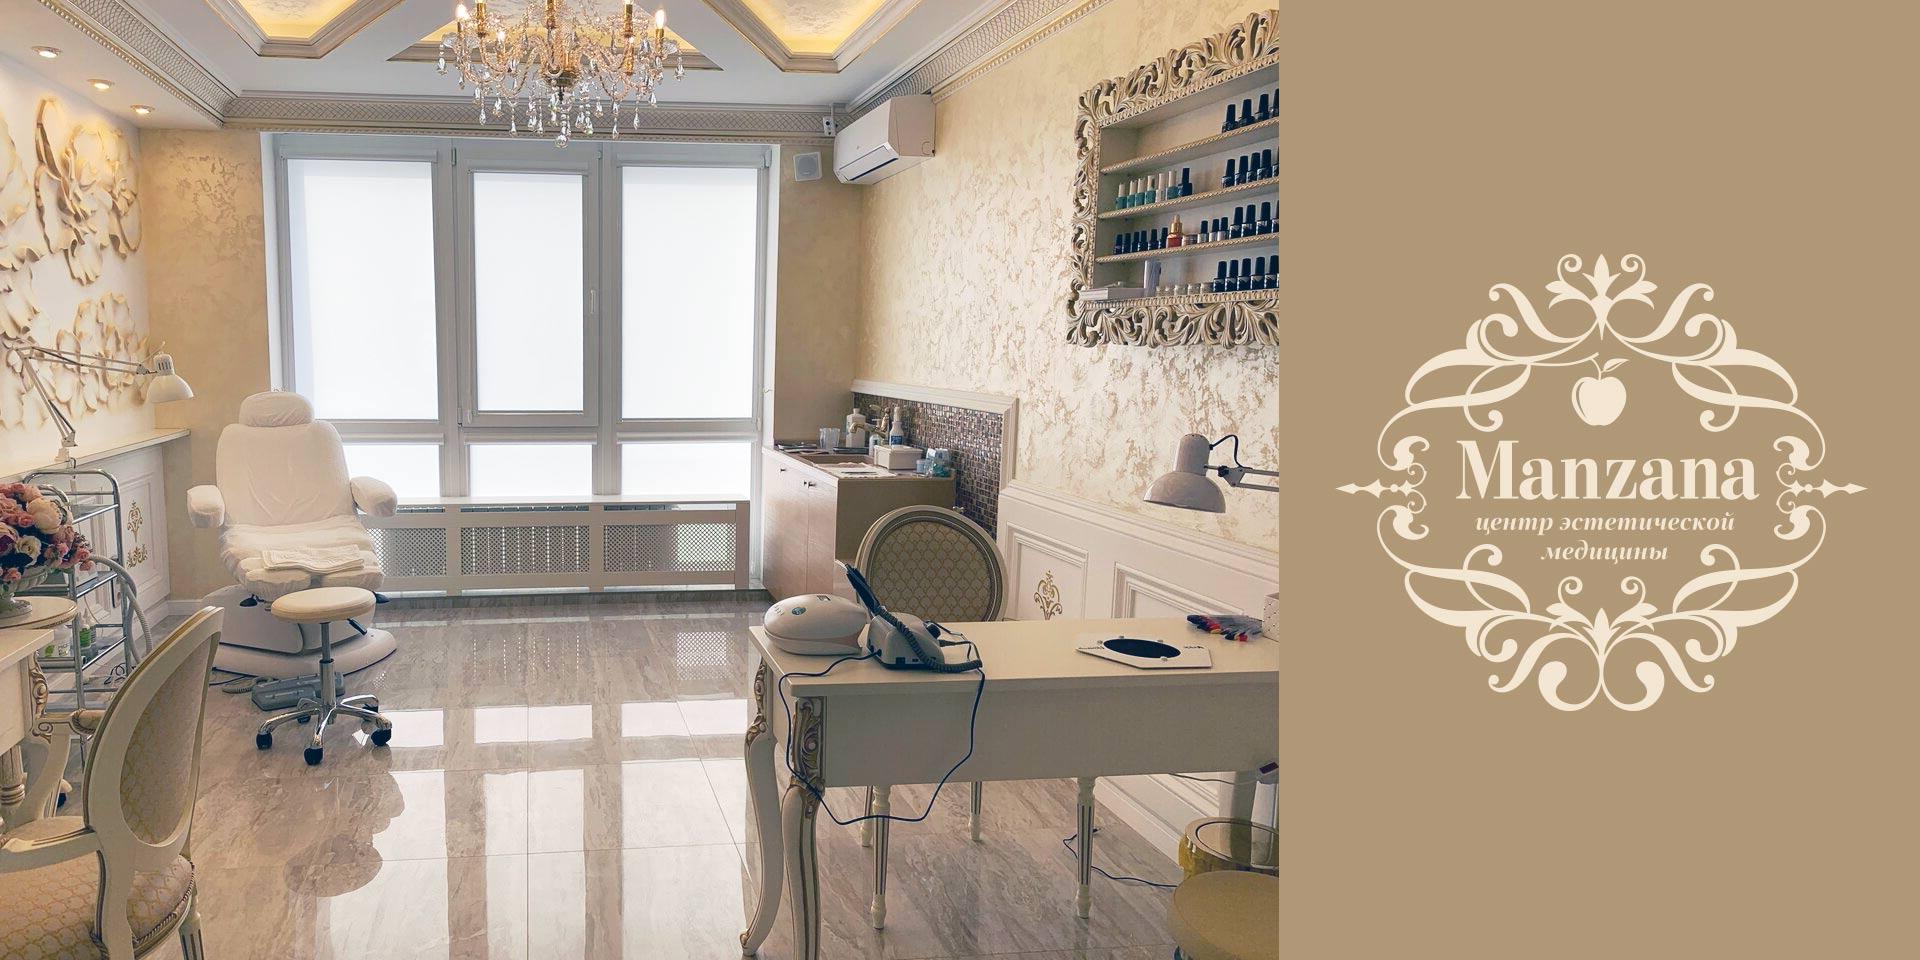 Косметологическая клиника брендинг